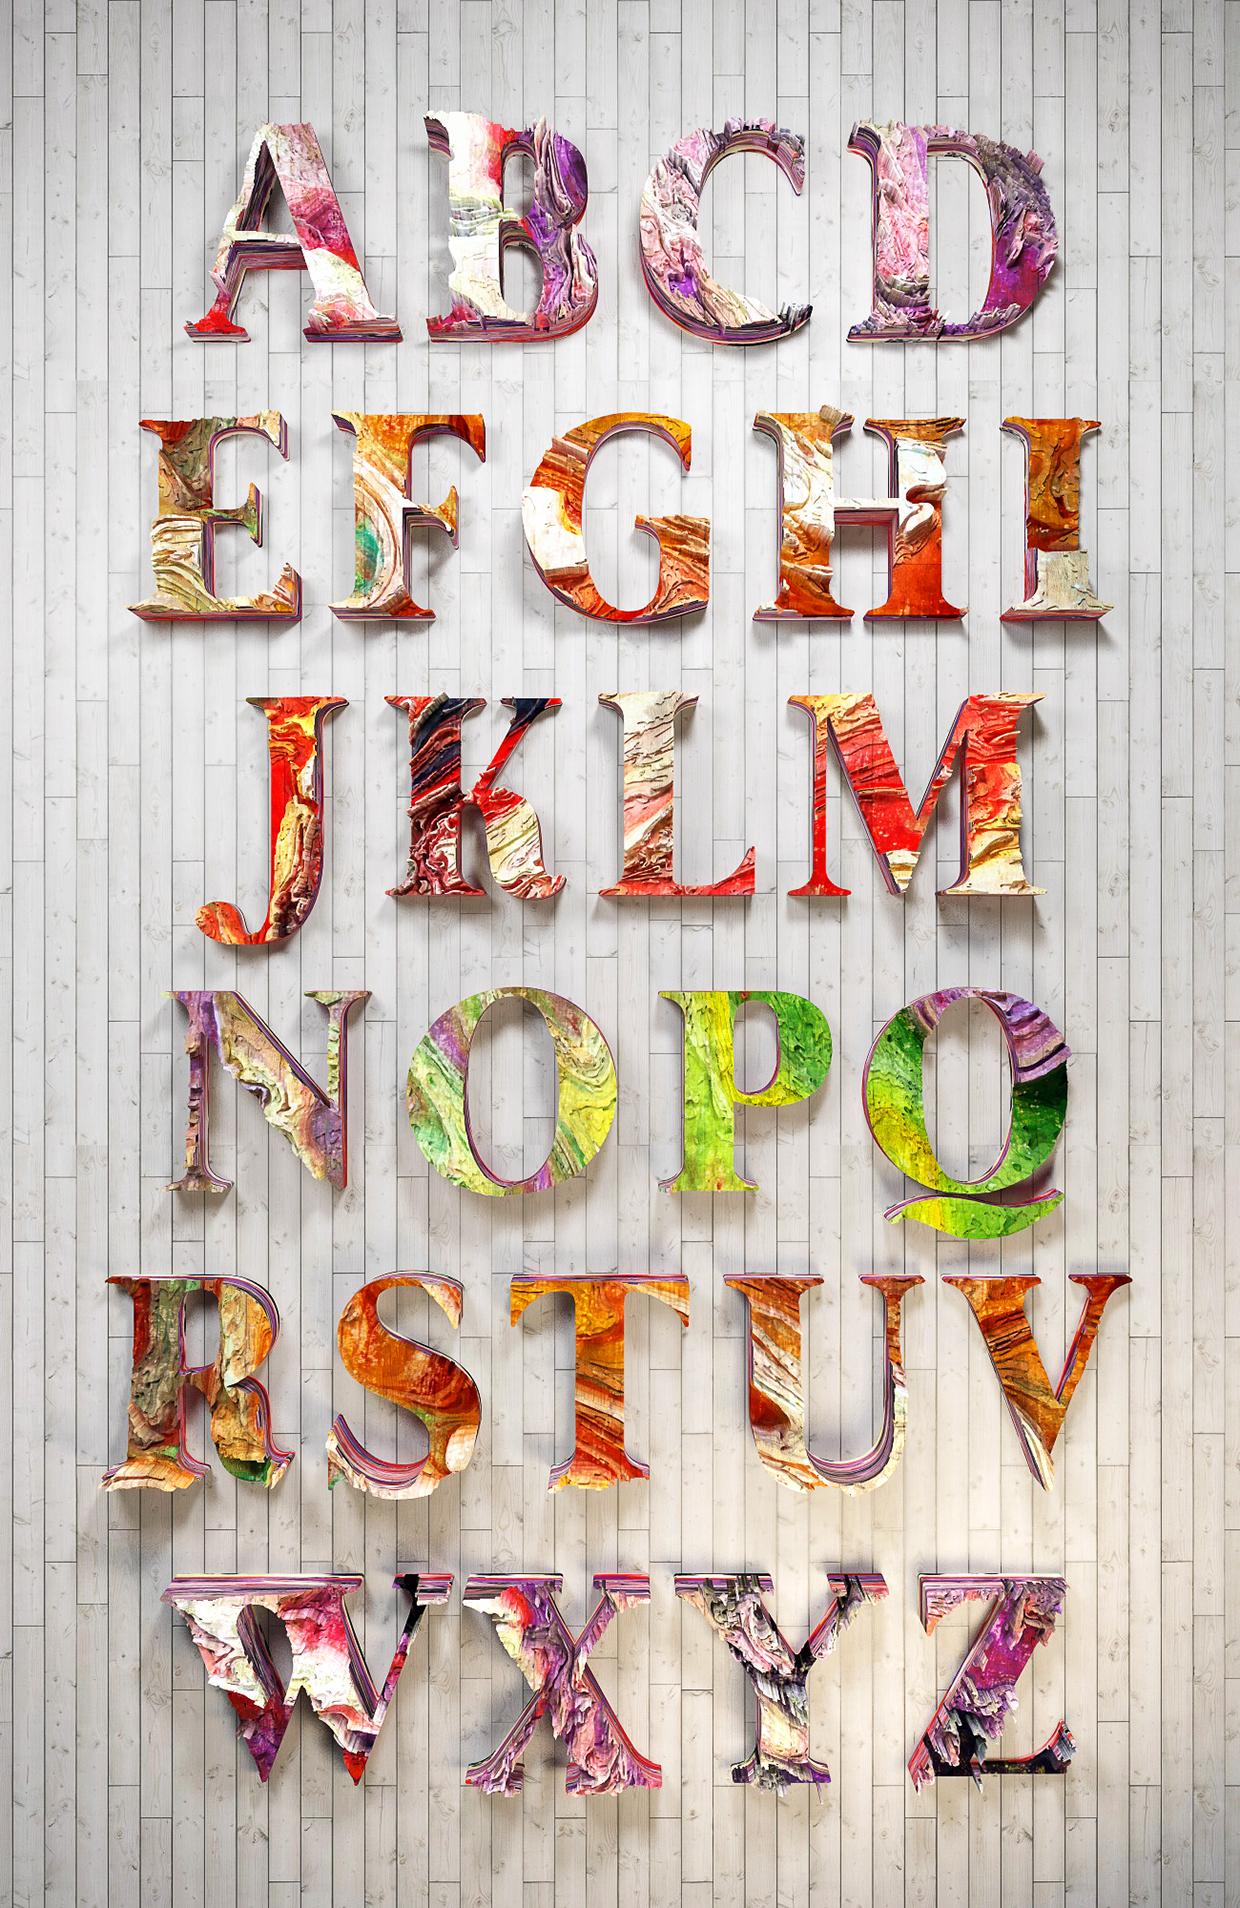 Inspiration_Travaux_typographiques_3D_digital_art_19